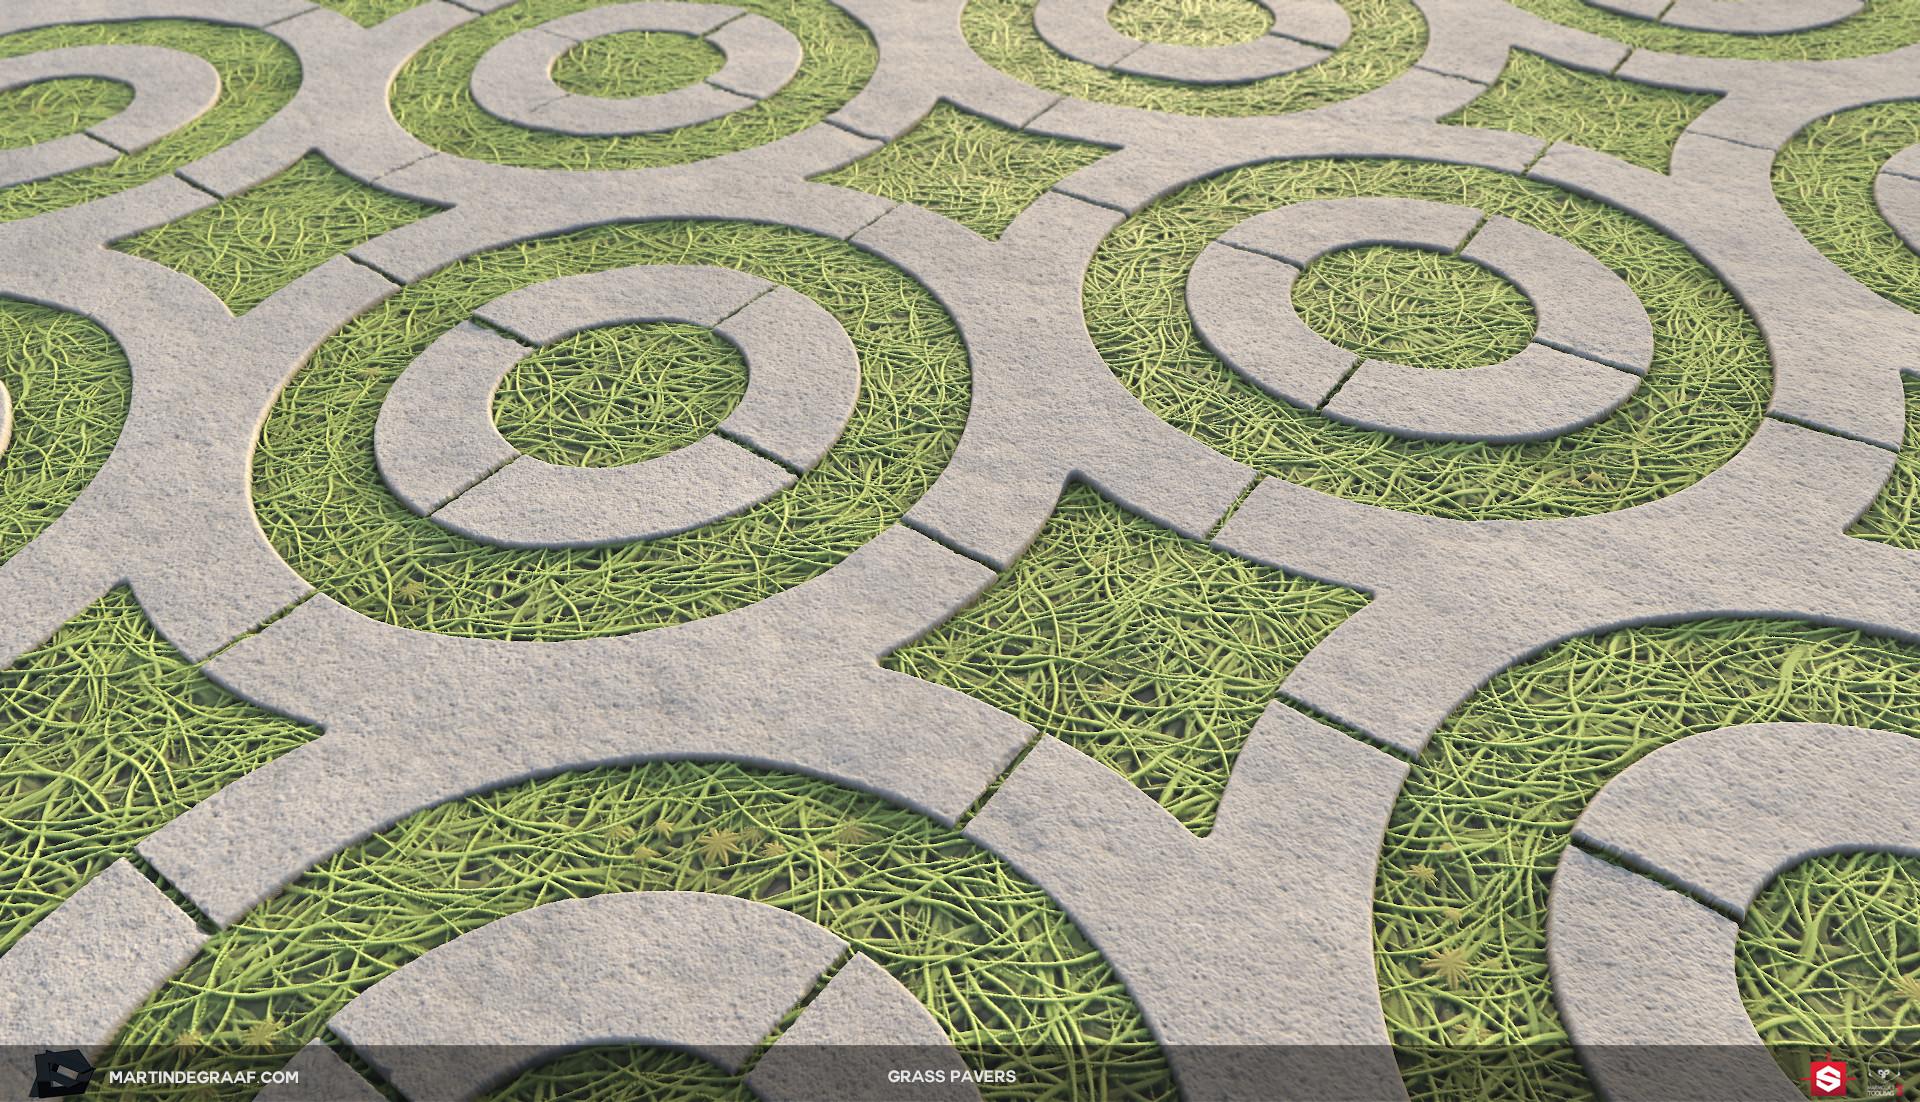 Martin de graaf grass pavers substance plane3 martin de graaf 2018